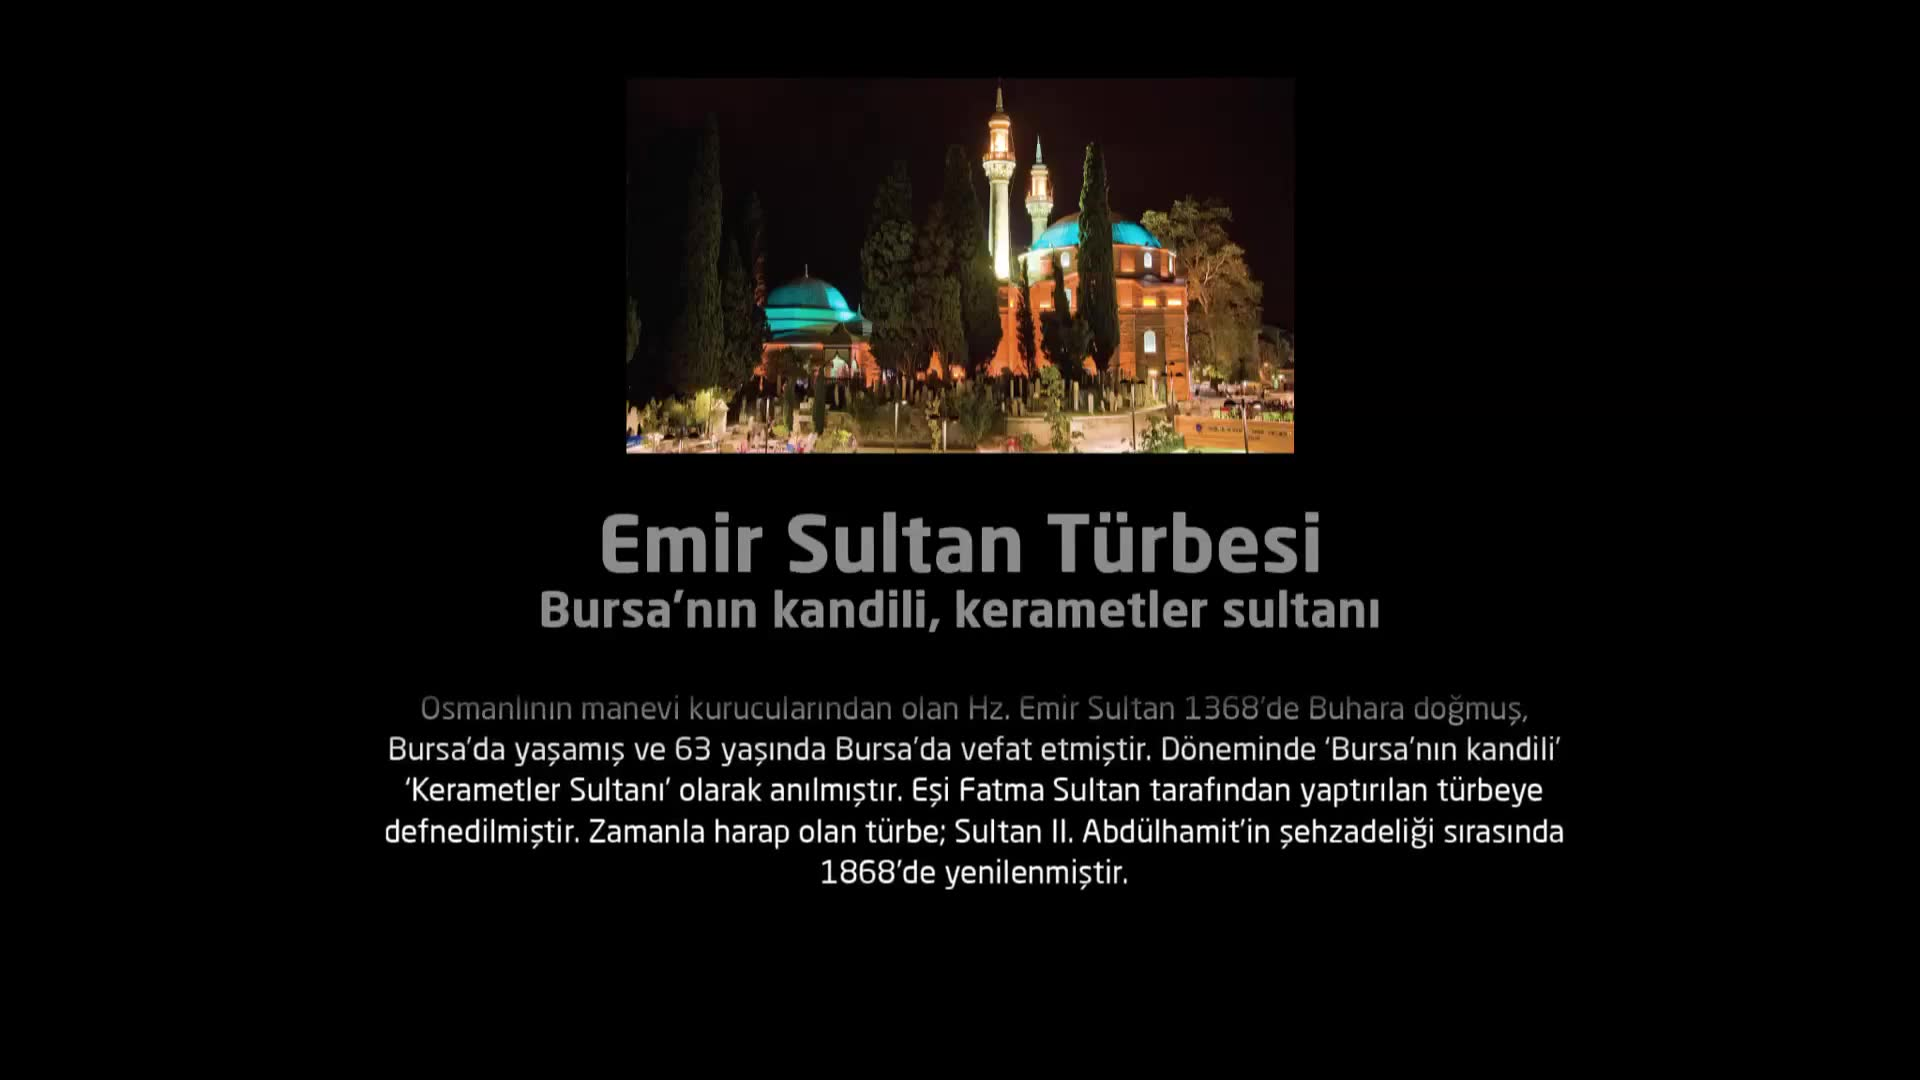 Emir Sultan Türbesi